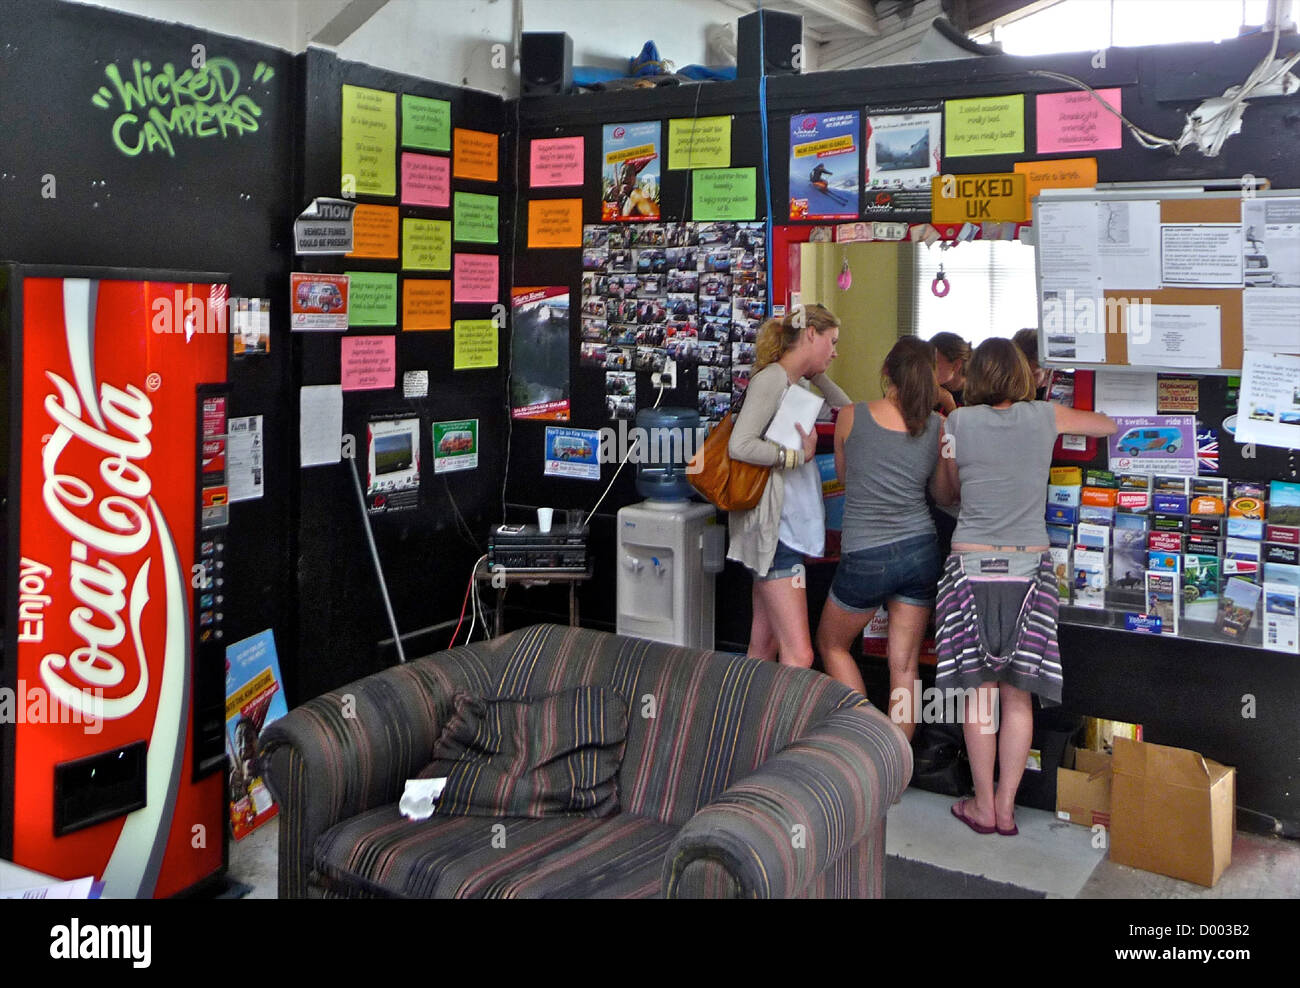 Los estudiantes año sabático viajes autocaravana autocaravana Nueva Zelanda Wicked Campervans Imagen De Stock